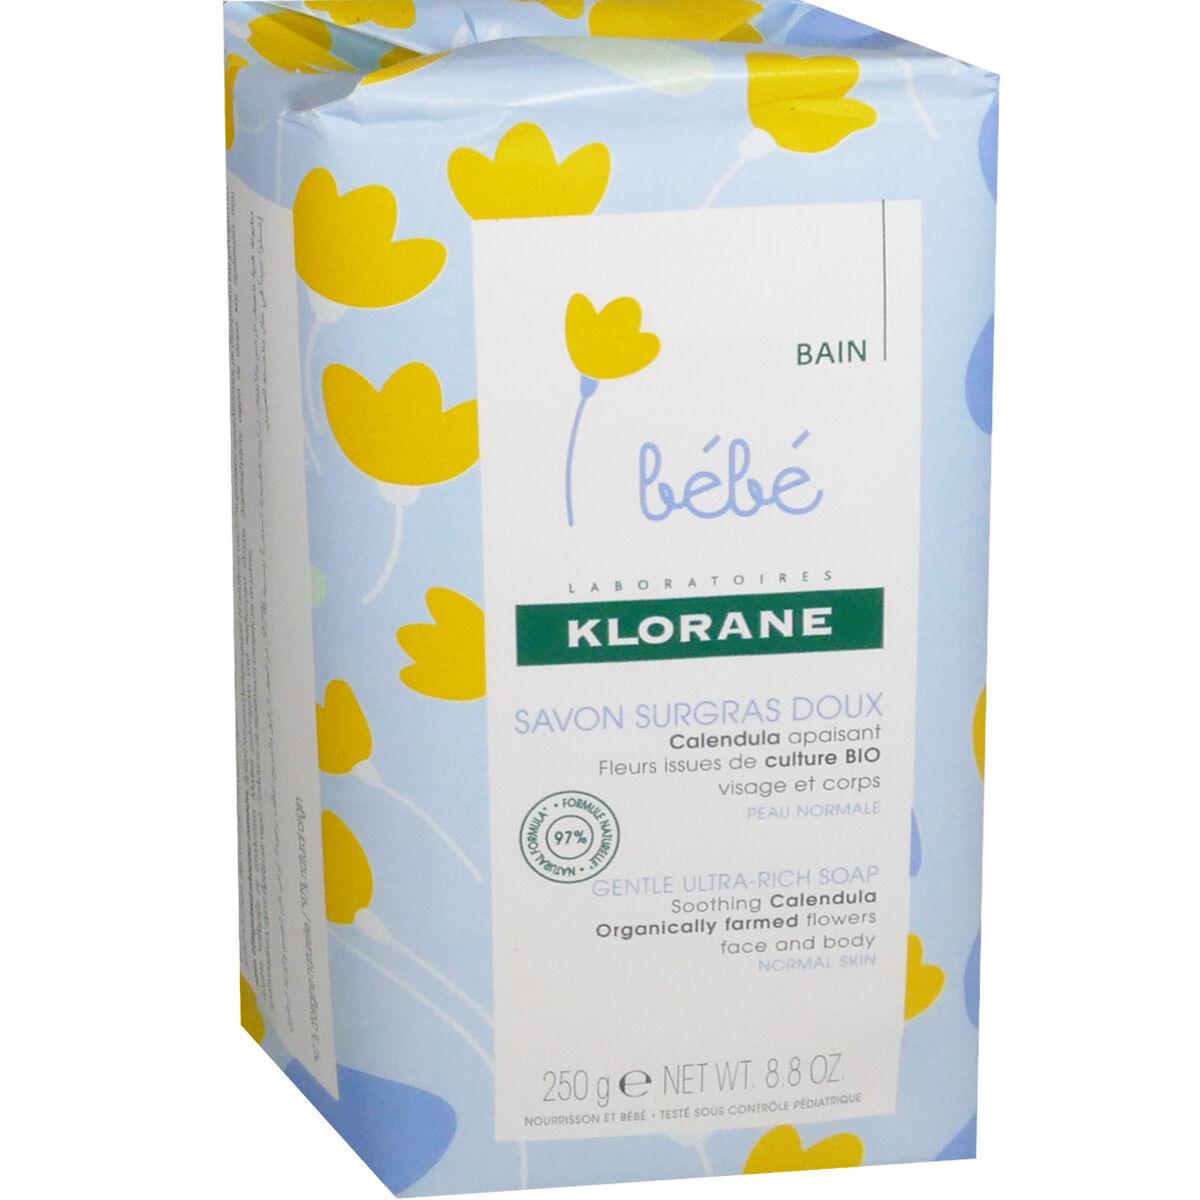 Klorane savon surgras doux 250 g bebe